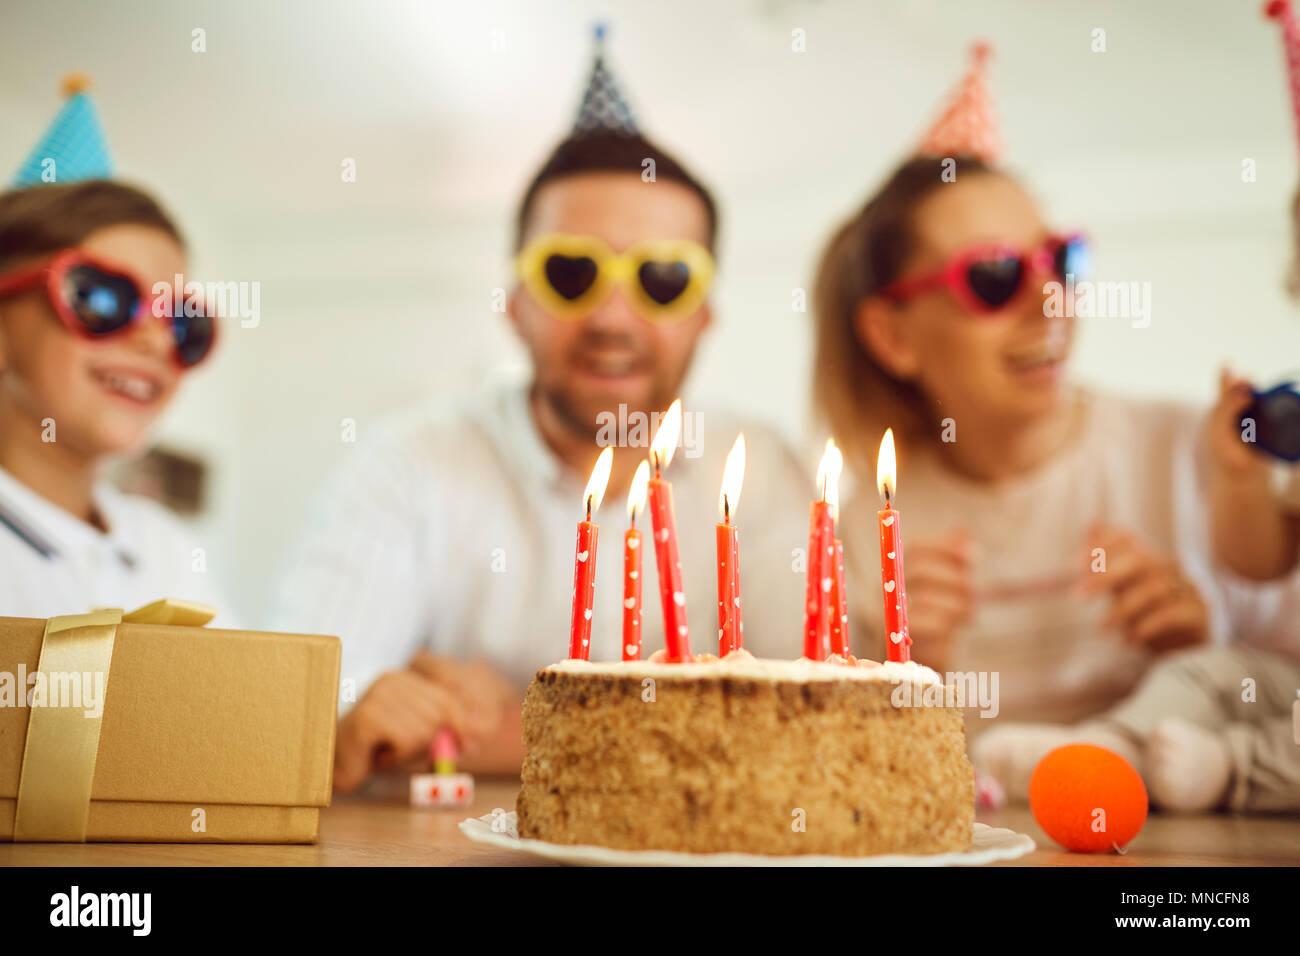 Torta di compleanno compleanno con candele. Immagini Stock